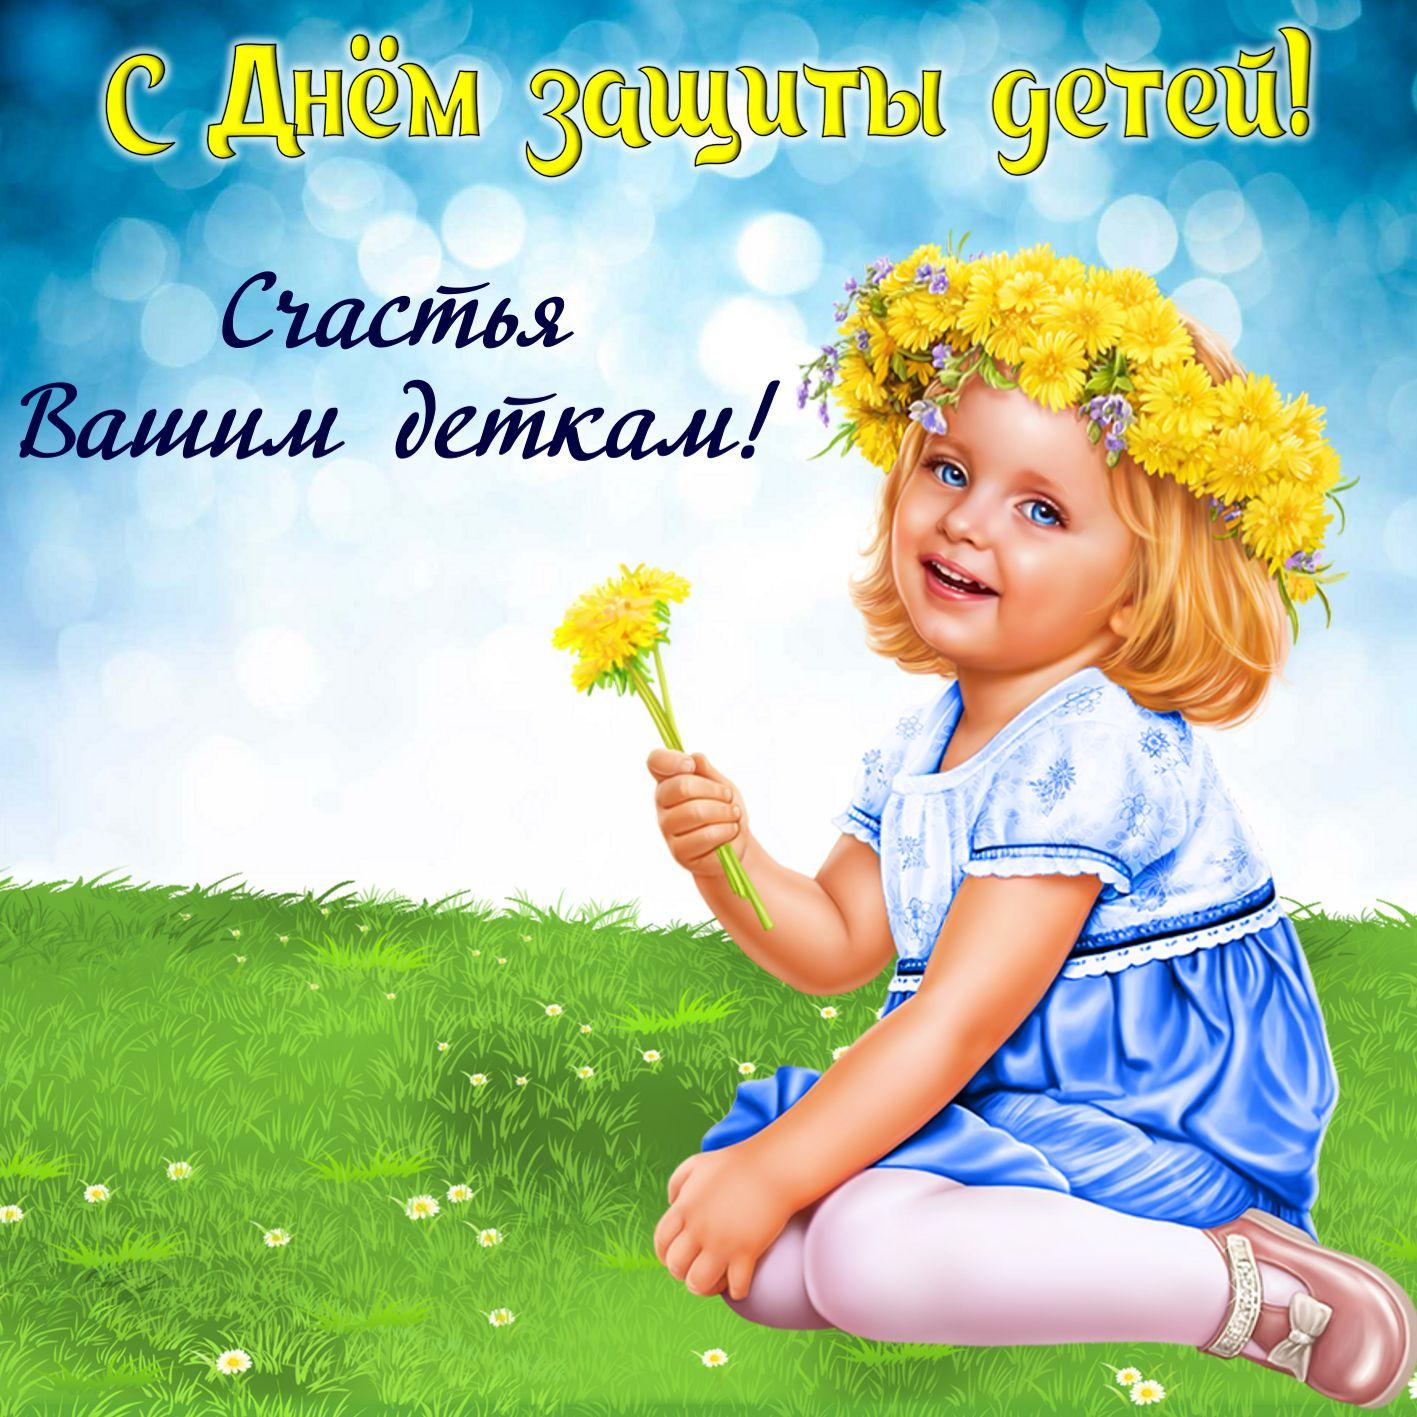 Картинка с девочкой в чистом поле на День защиты детей